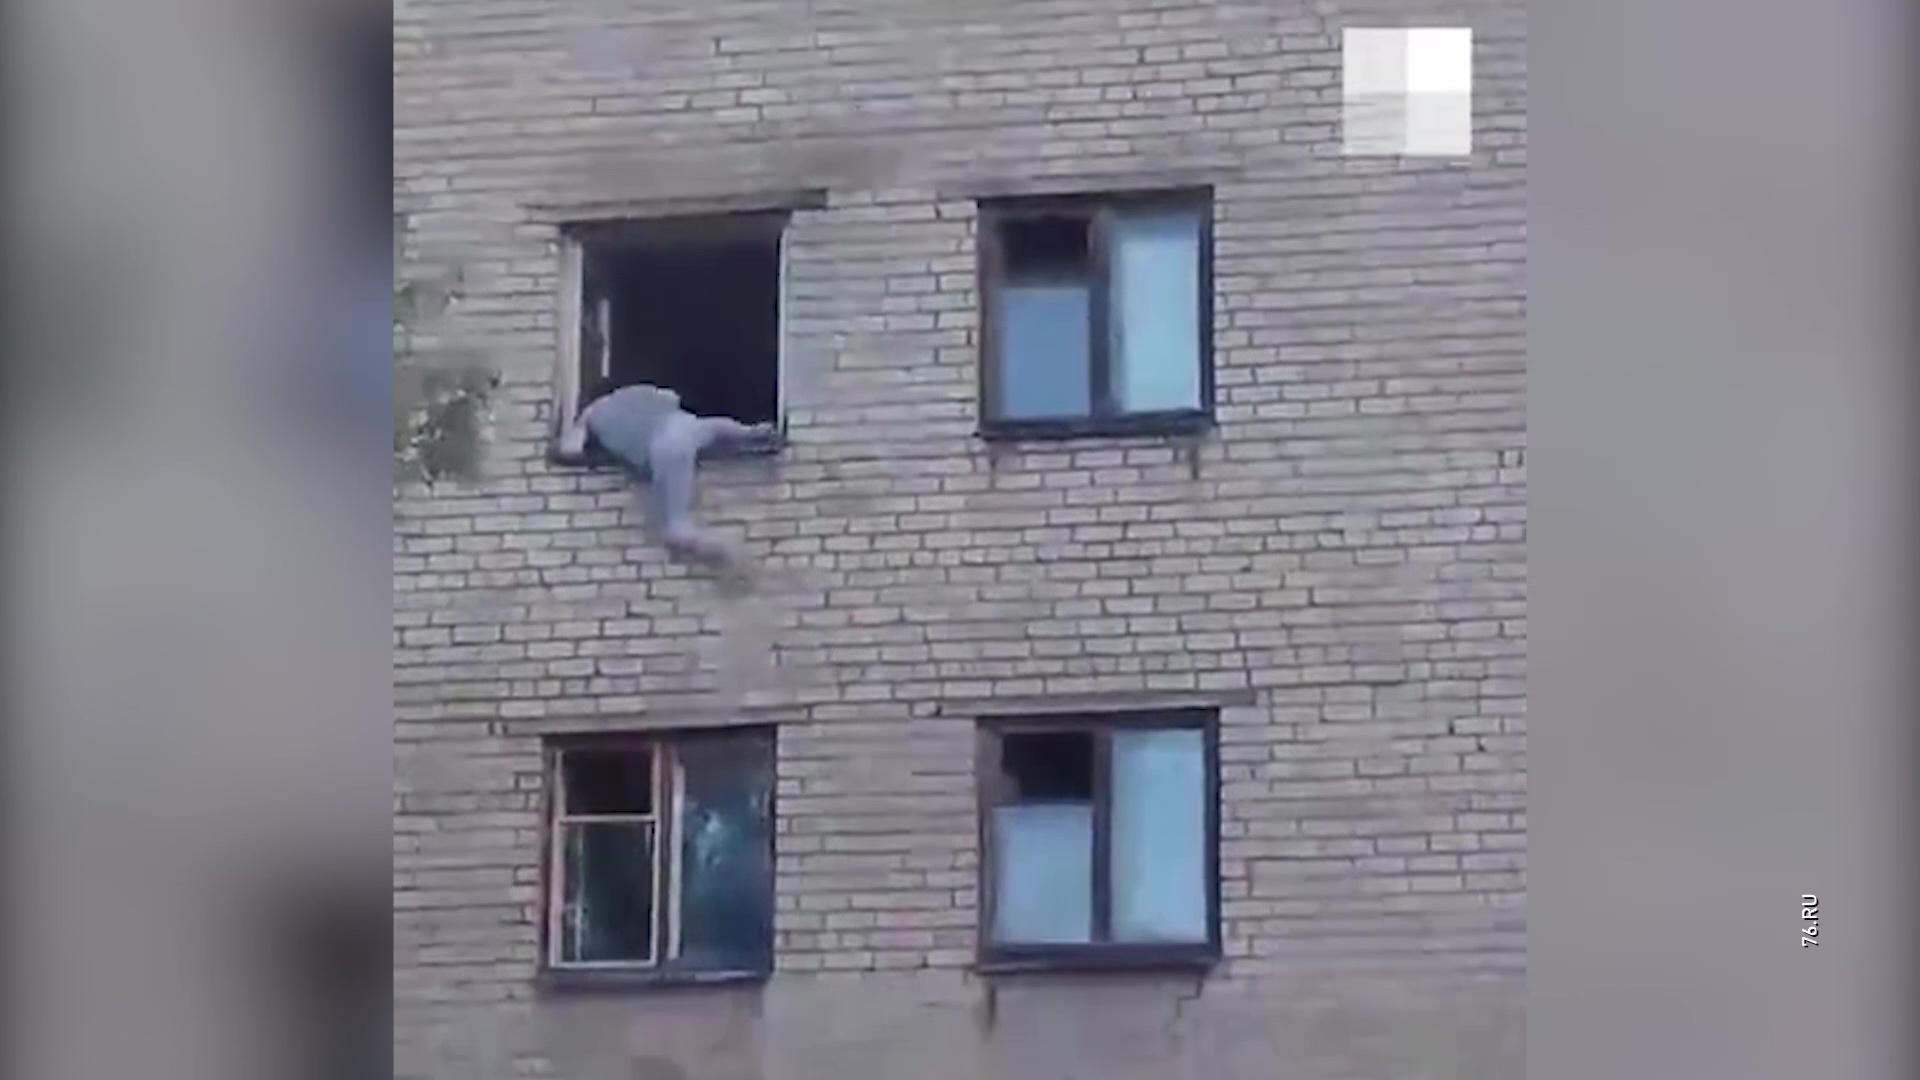 Ярославец сорвался со стены жилого дома и упал прямо у отдела полиции